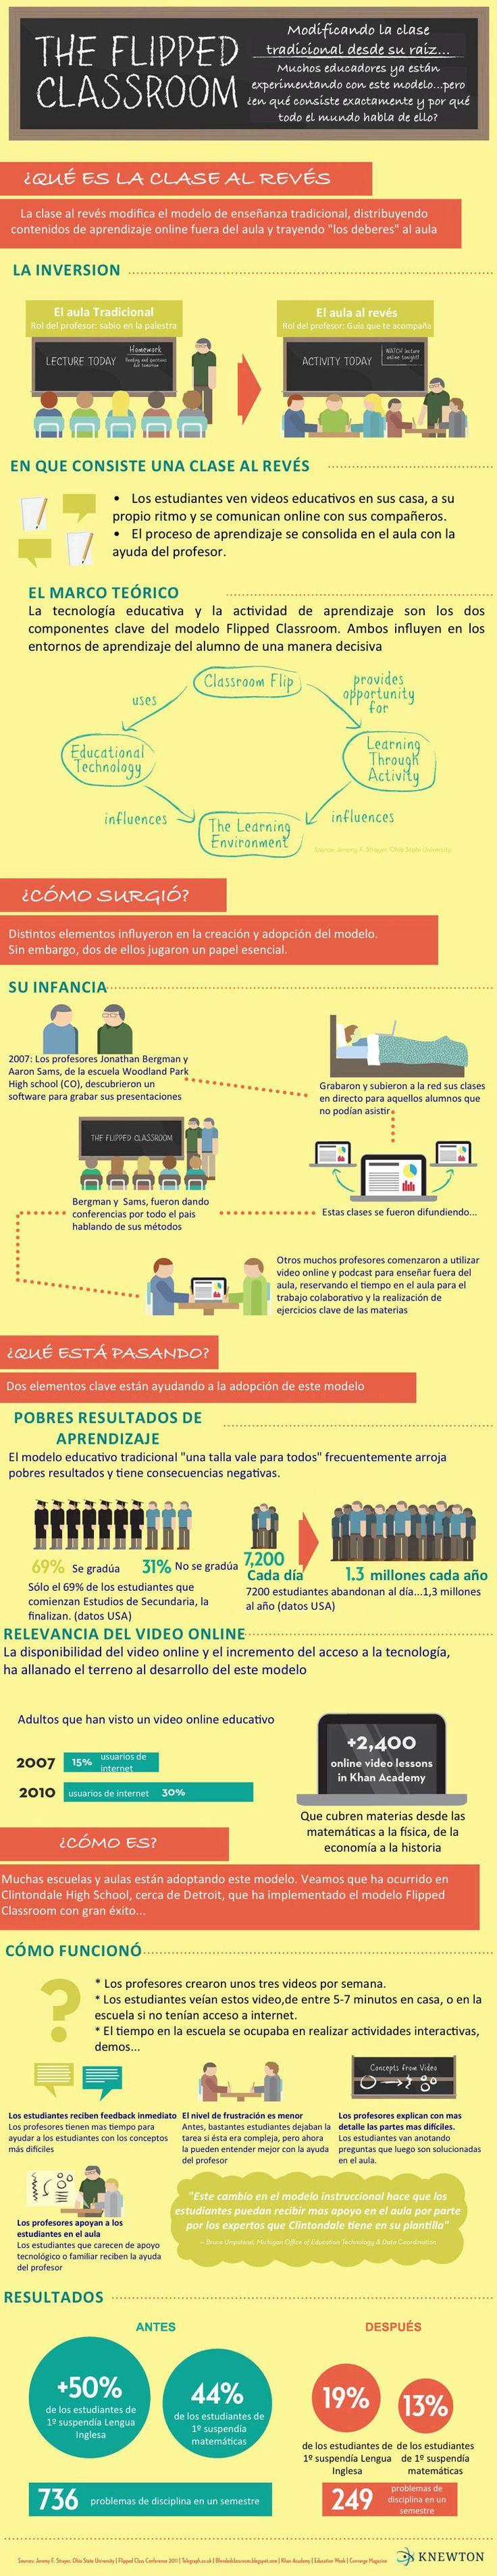 Entendiendo el Aula Invertida o Flipped Classroom   #Infografía #Educación